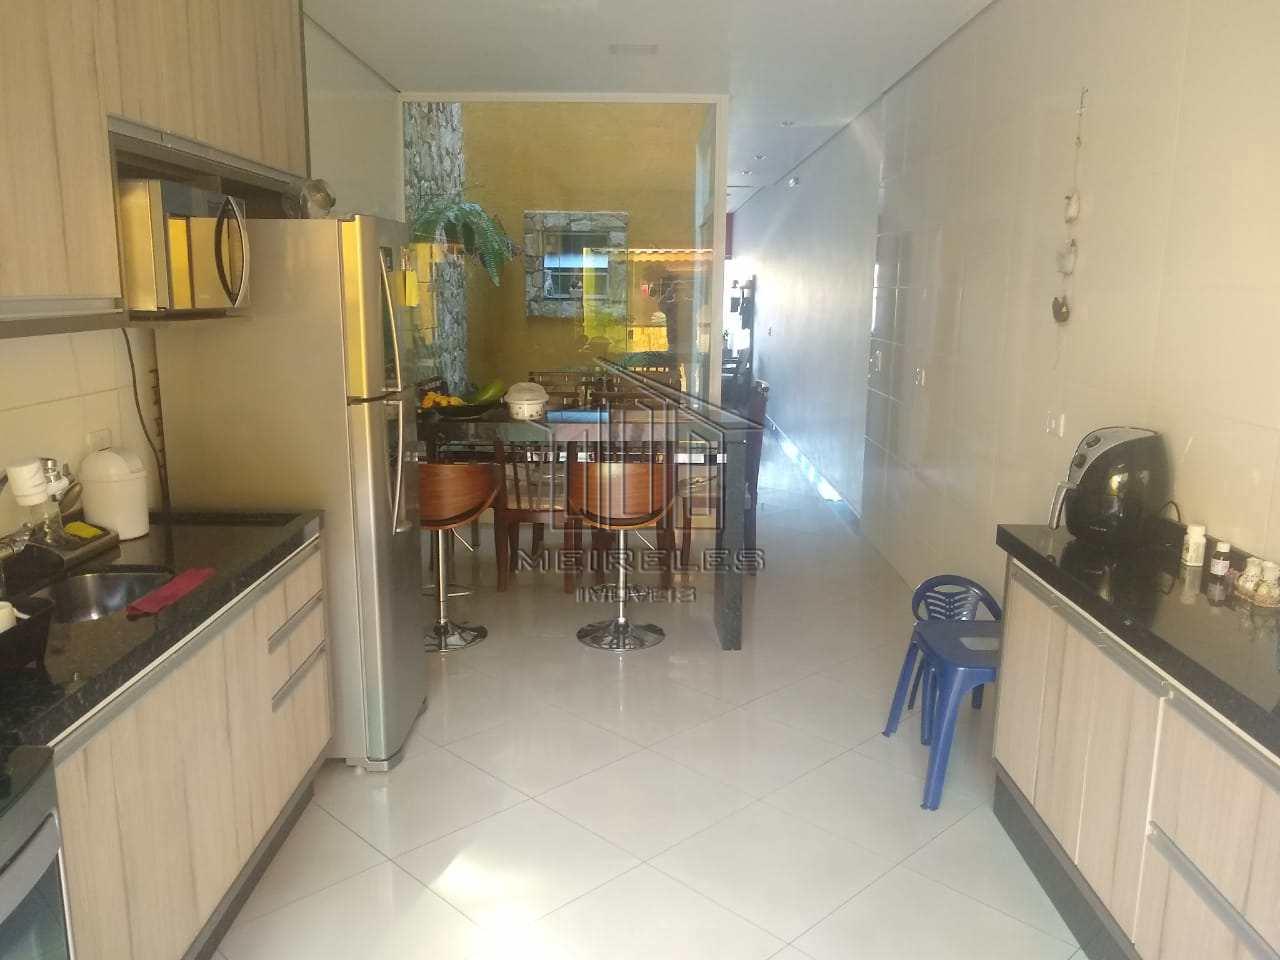 Sobrado com 3 dorms, Vila Vessoni, São Paulo - R$ 450 mil, Cod: 580